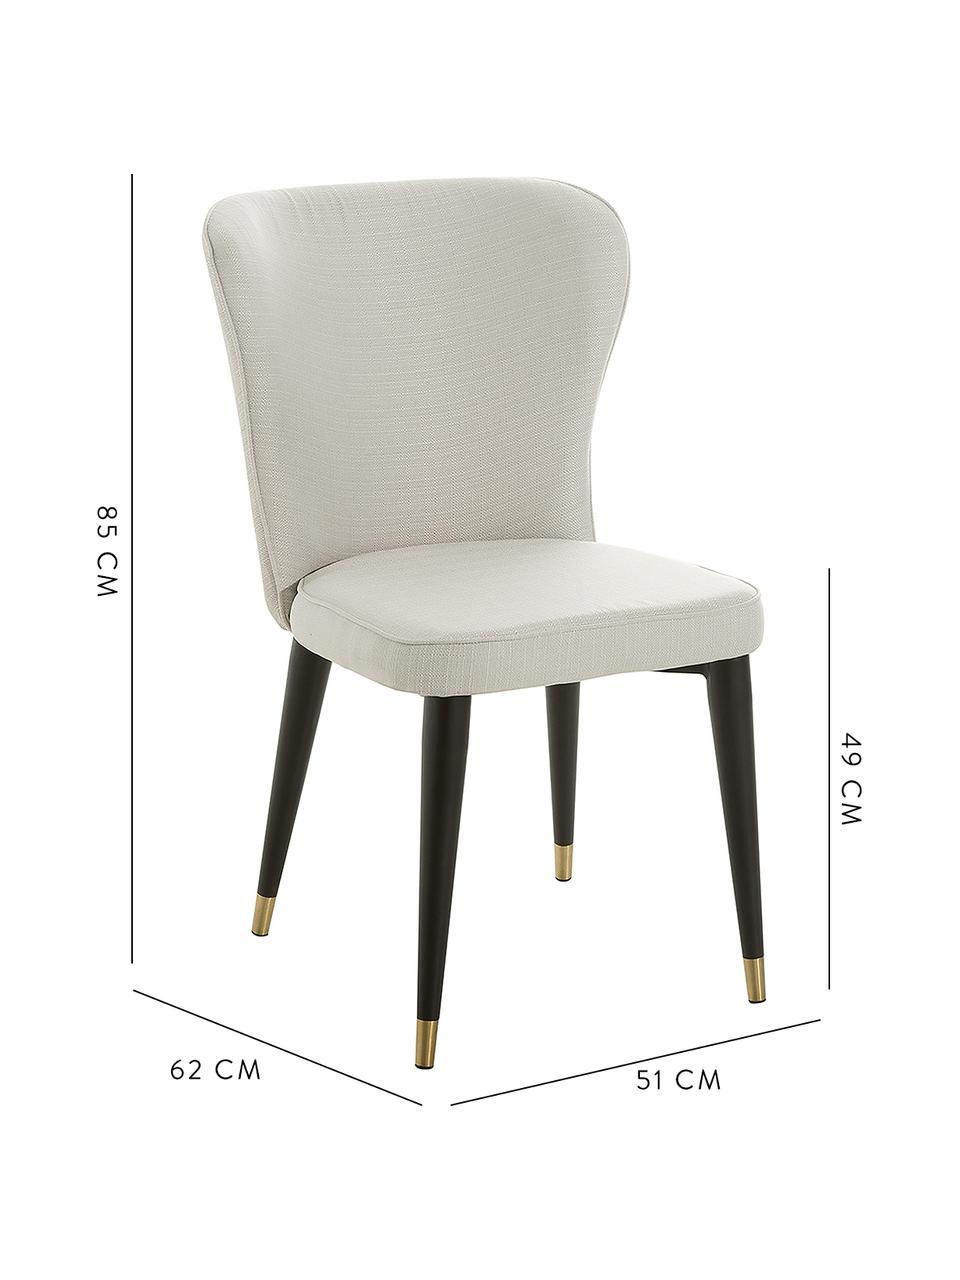 Krzesło tapicerowane Cleo, Tapicerka: poliester Tkanina o odpor, Tapicerka: pianka, Nogi: metal malowany proszkowo, Kremowobiały, S 51 x G 62 cm